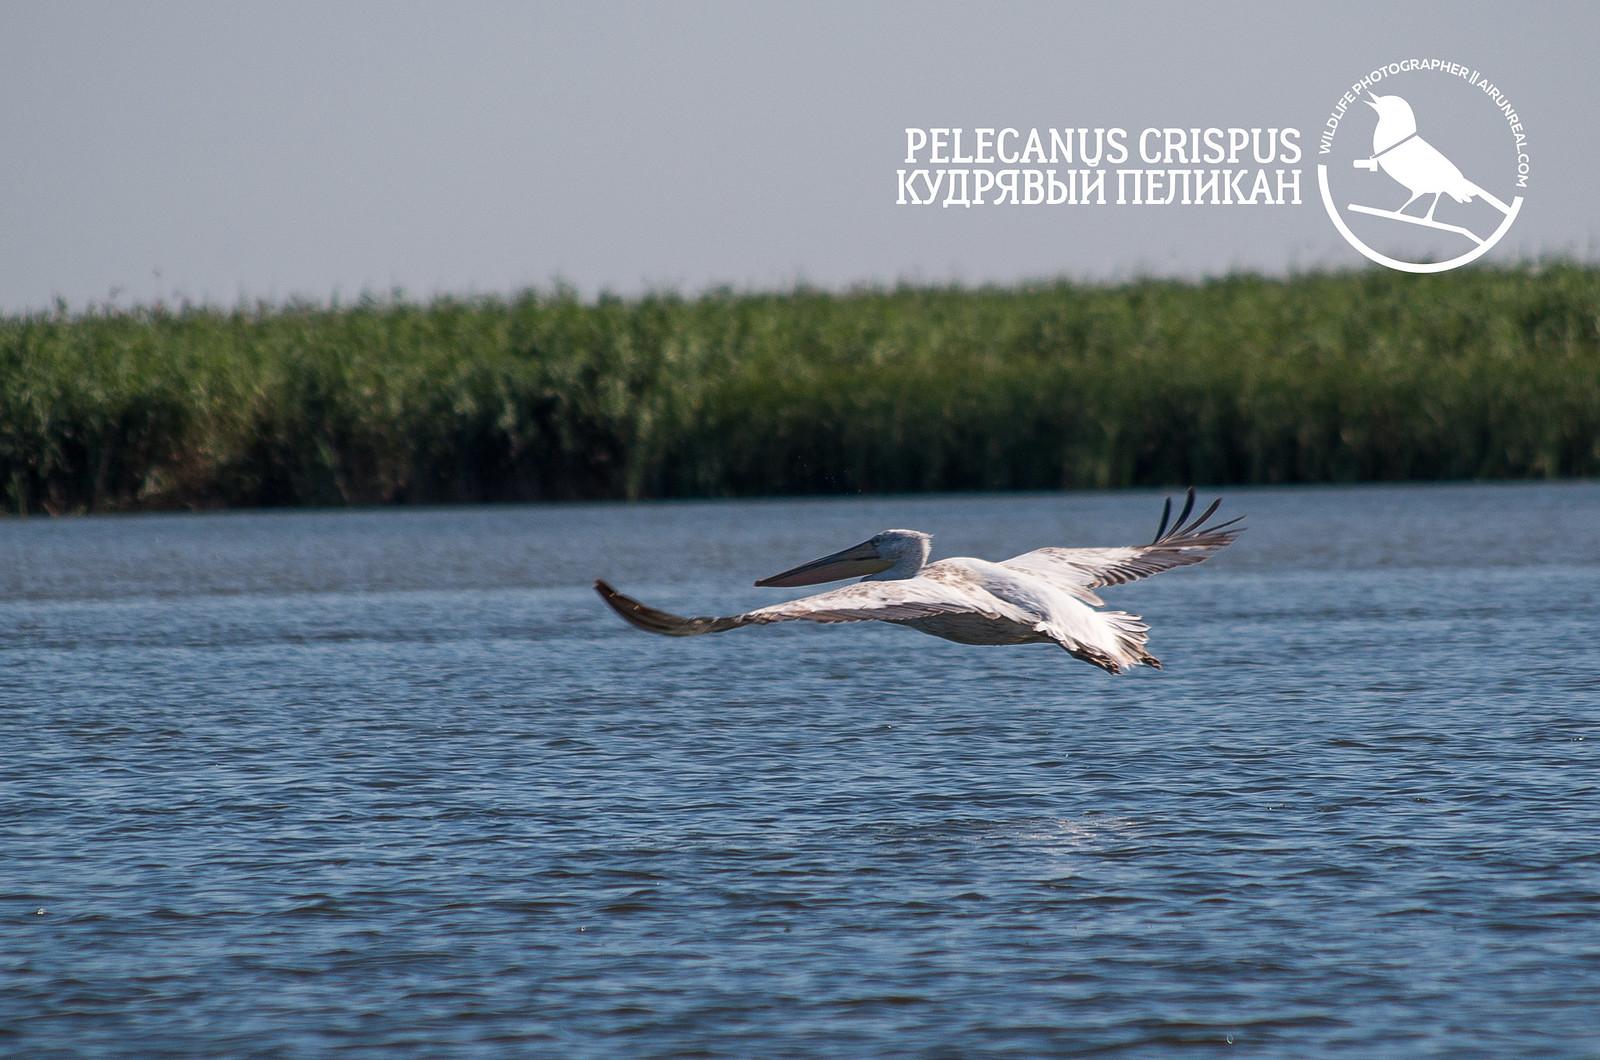 Pelecanus crispus // 20170921